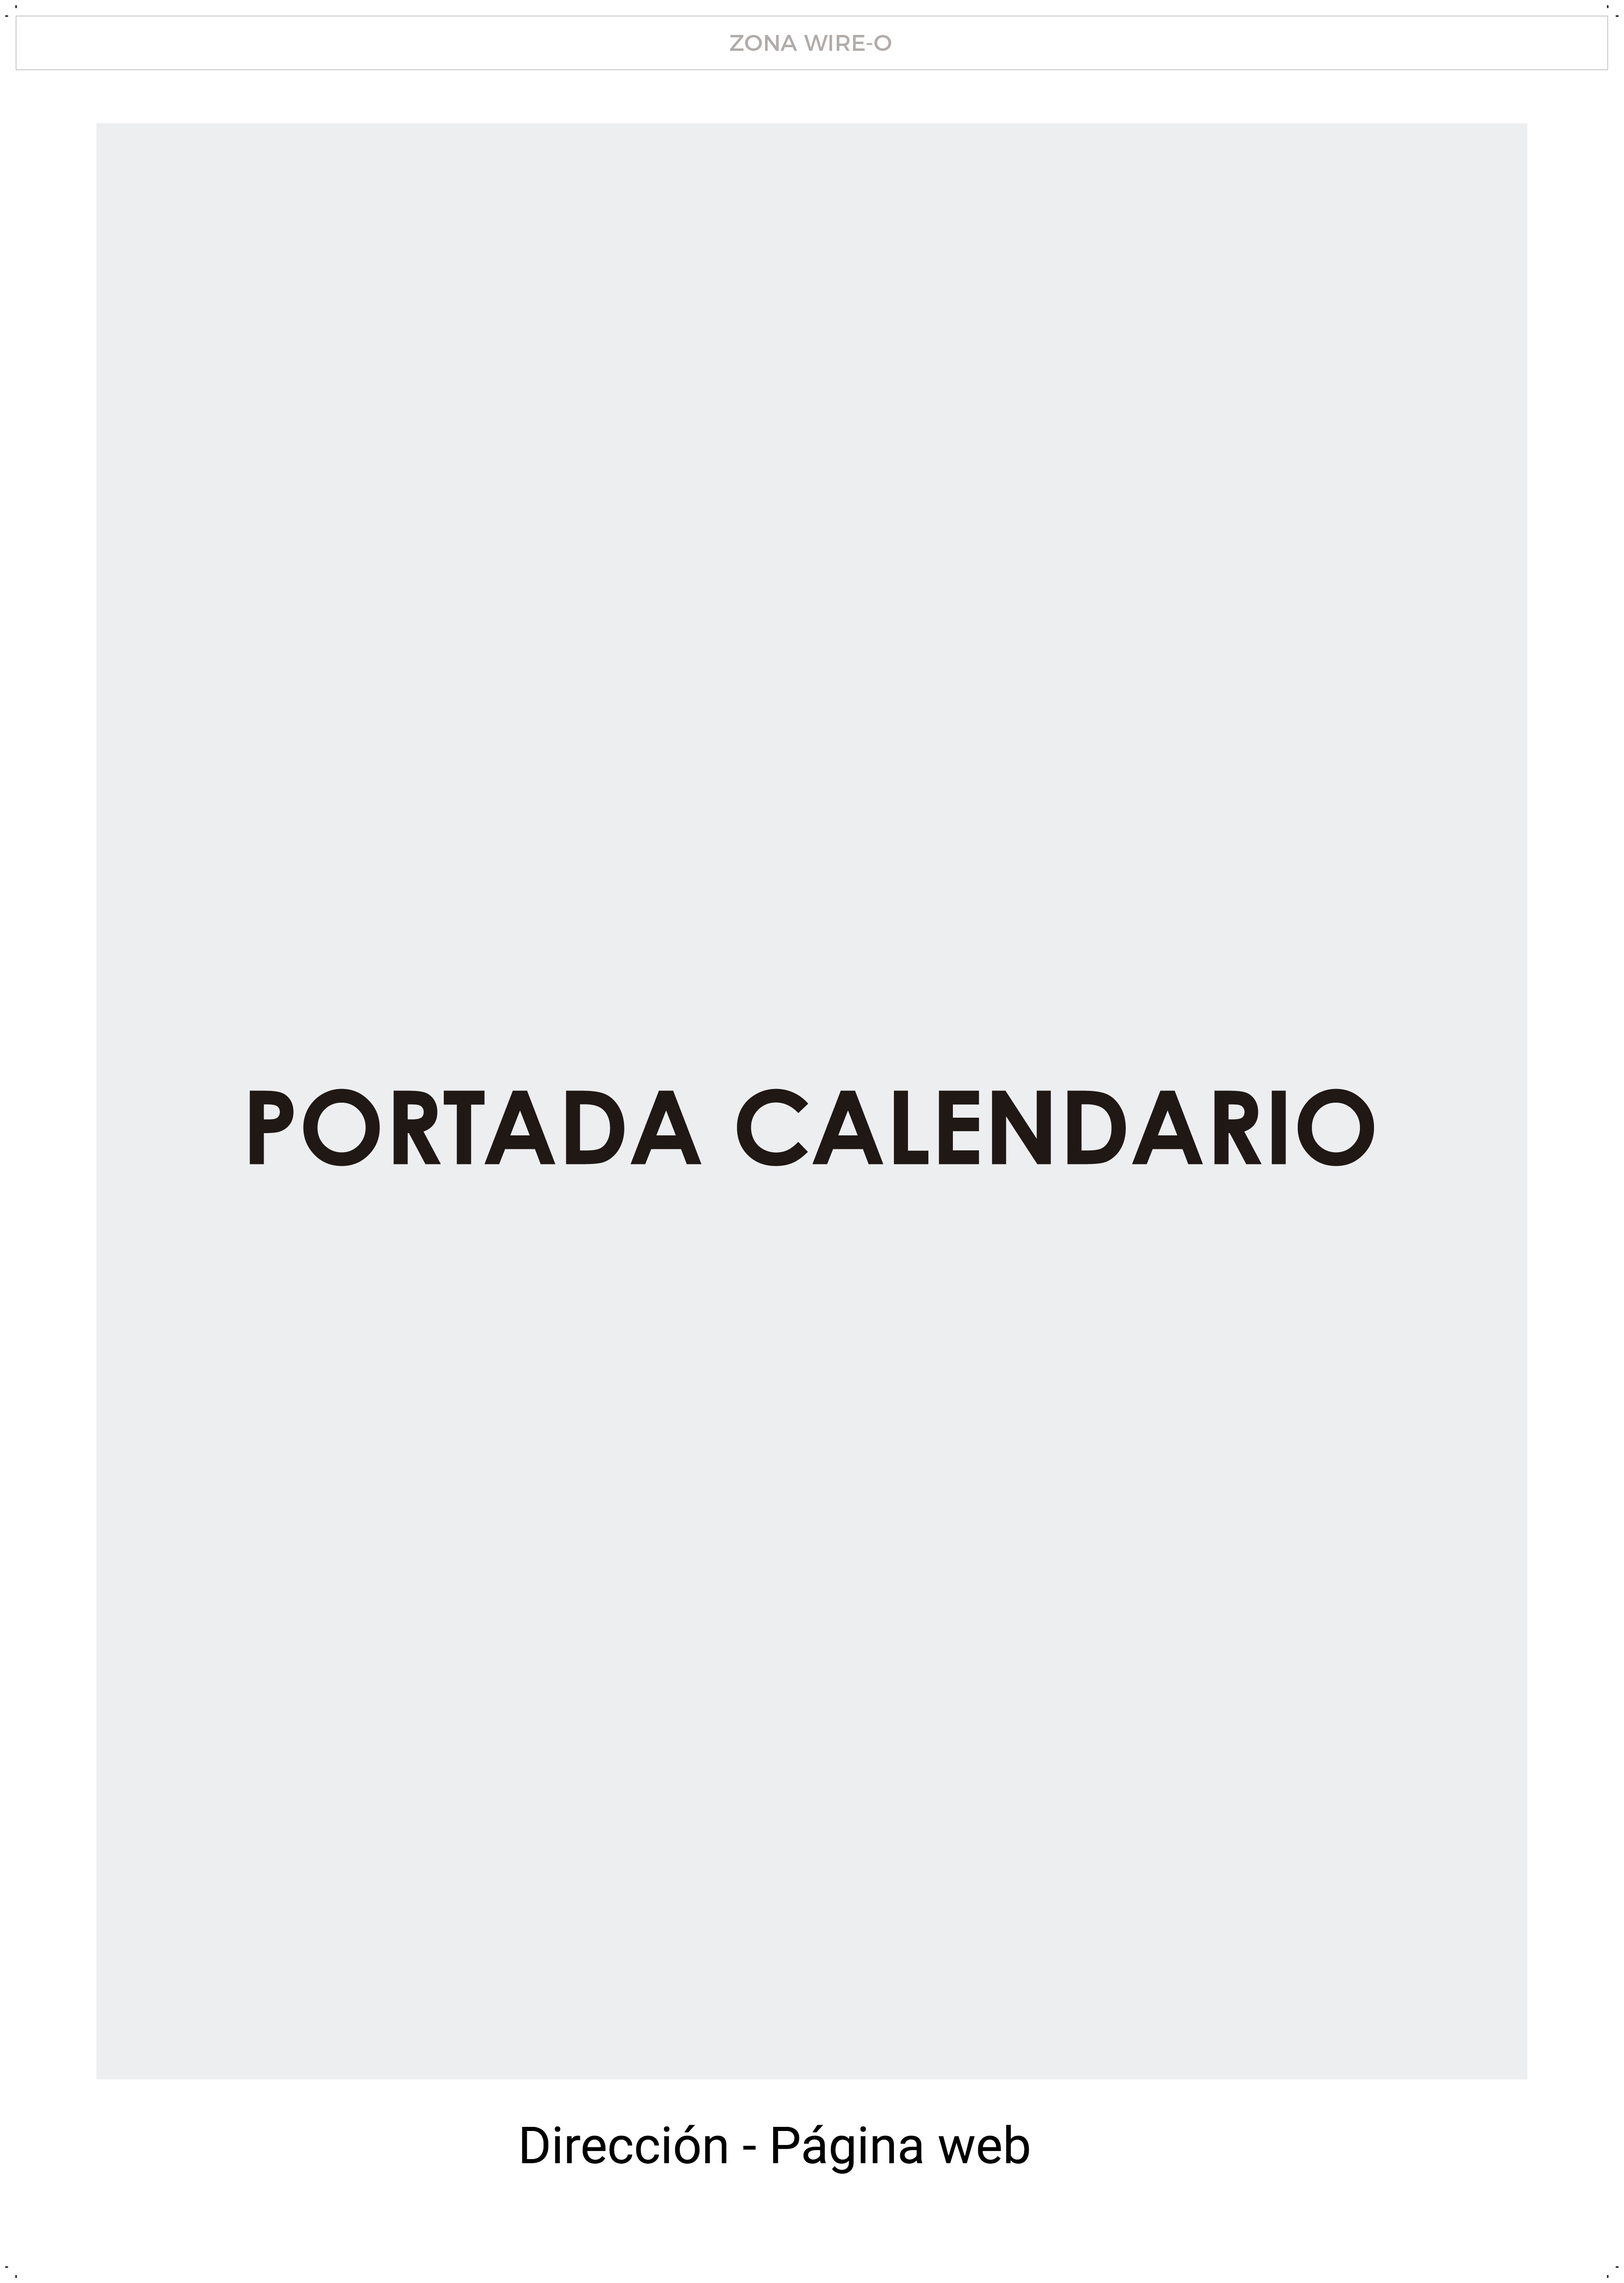 Calendarios pared - Modelo 2